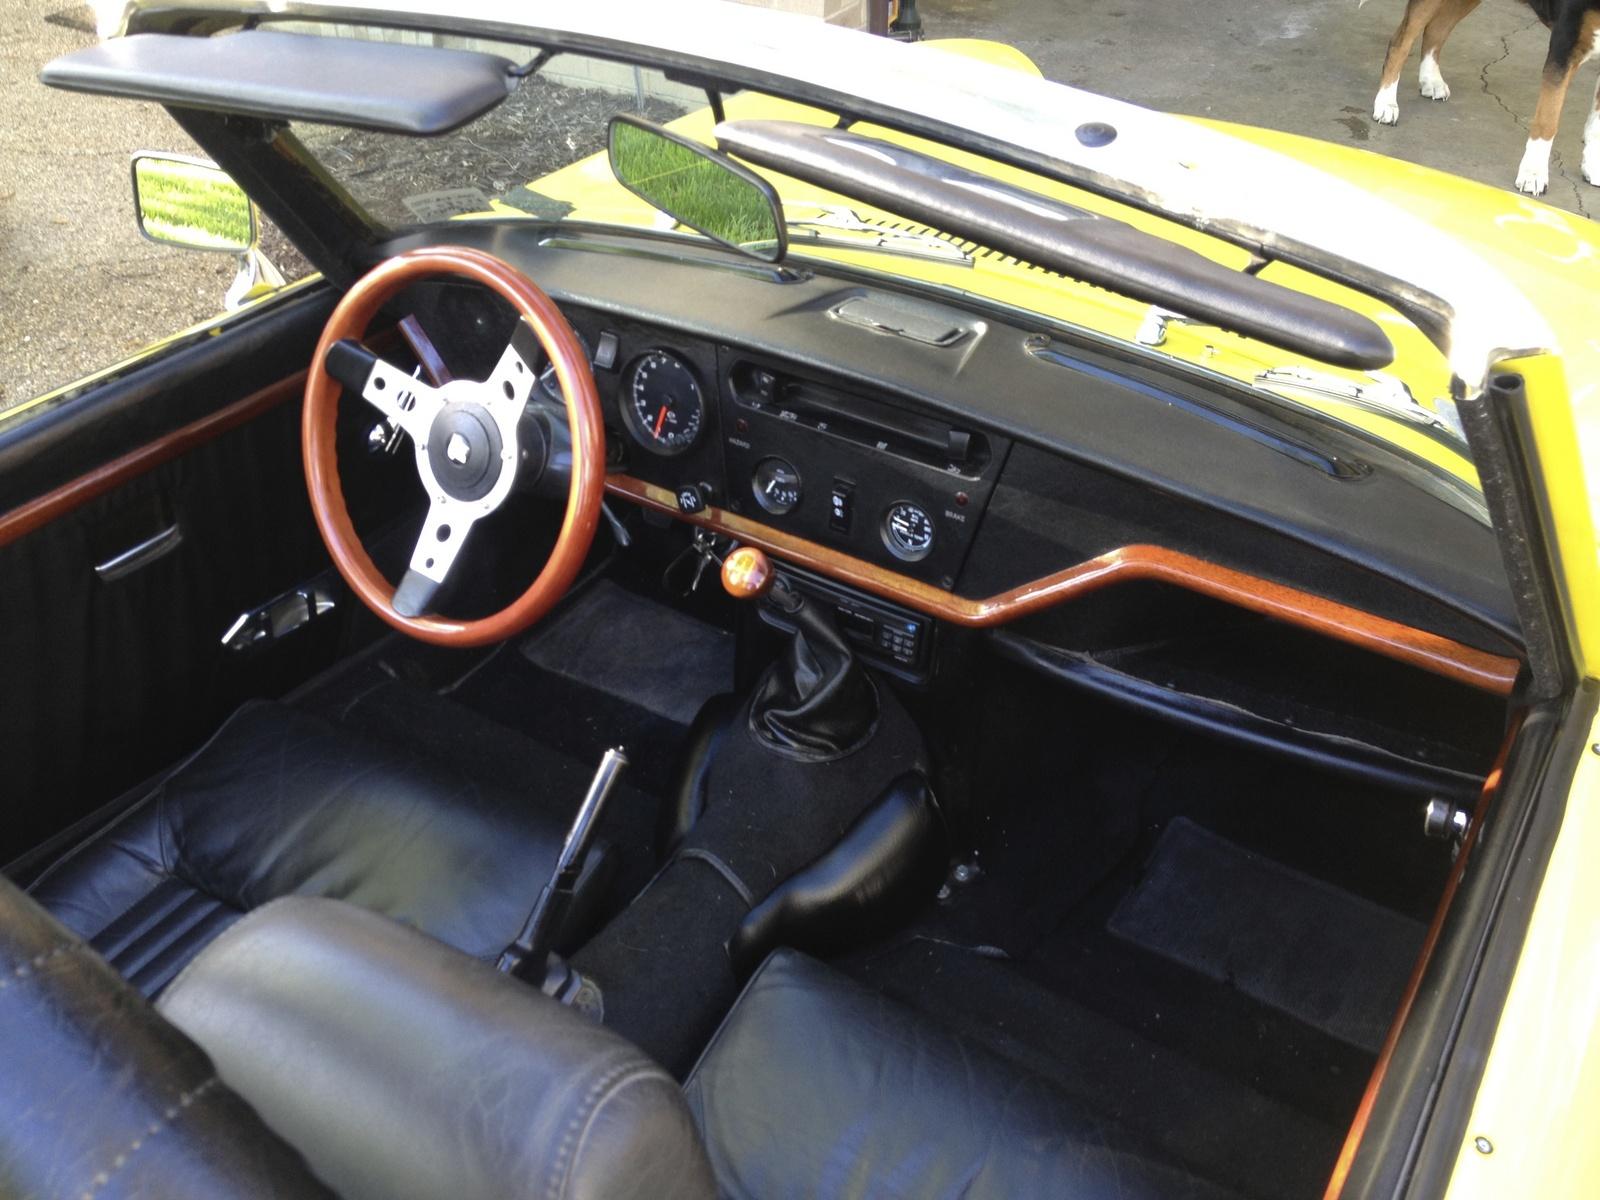 1971 Triumph Spitfire Interior Pictures Cargurus